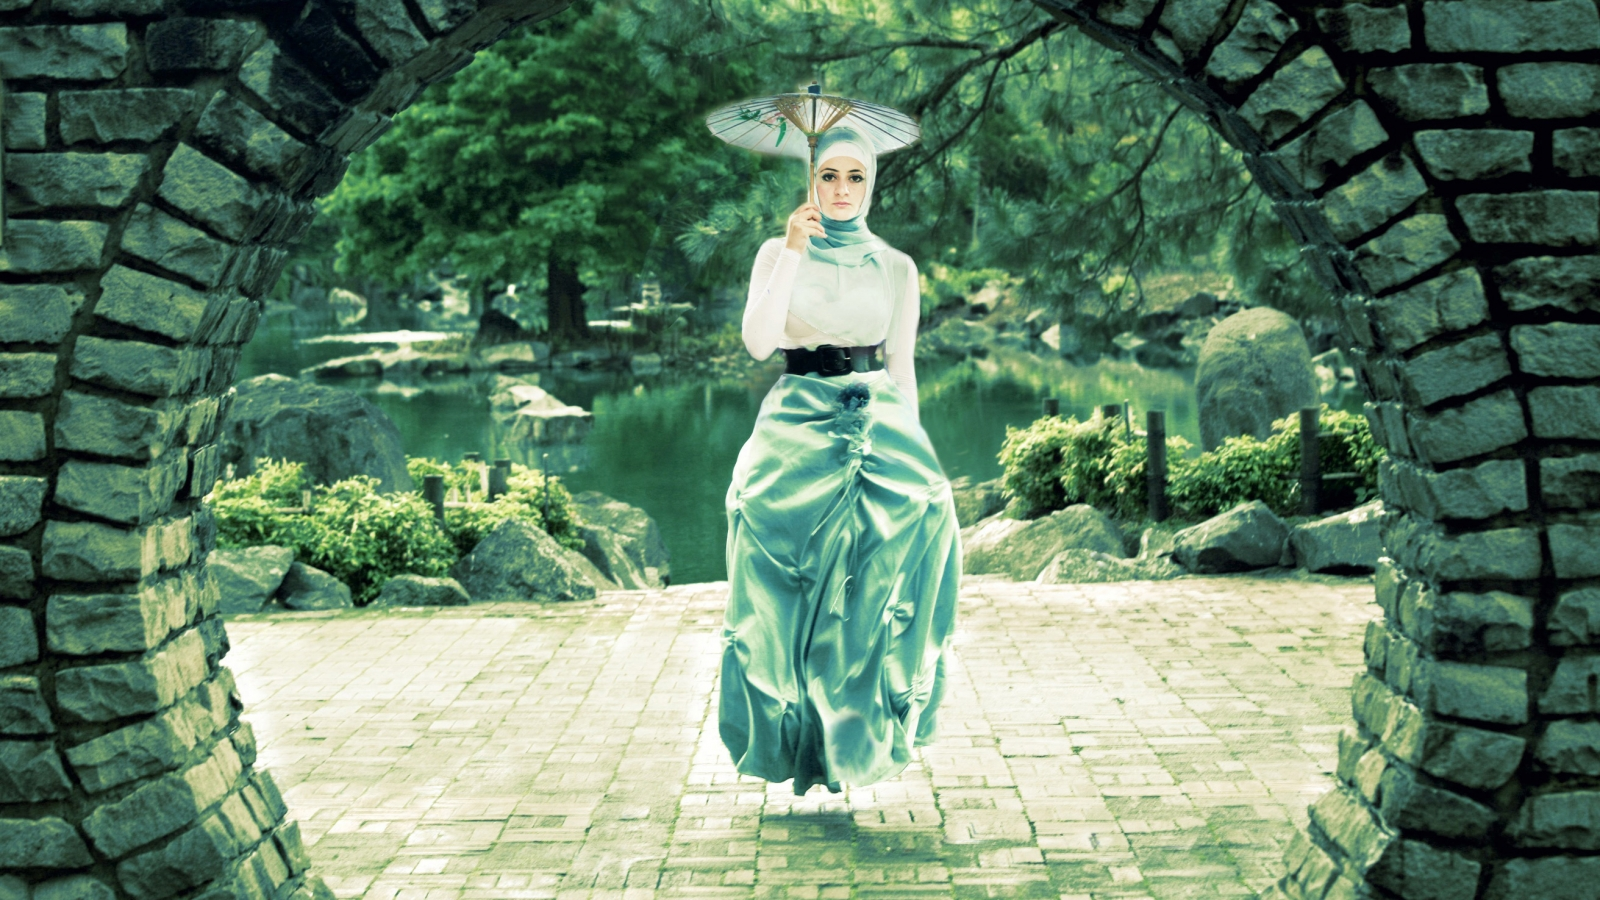 Una mujer flotando - 1600x900